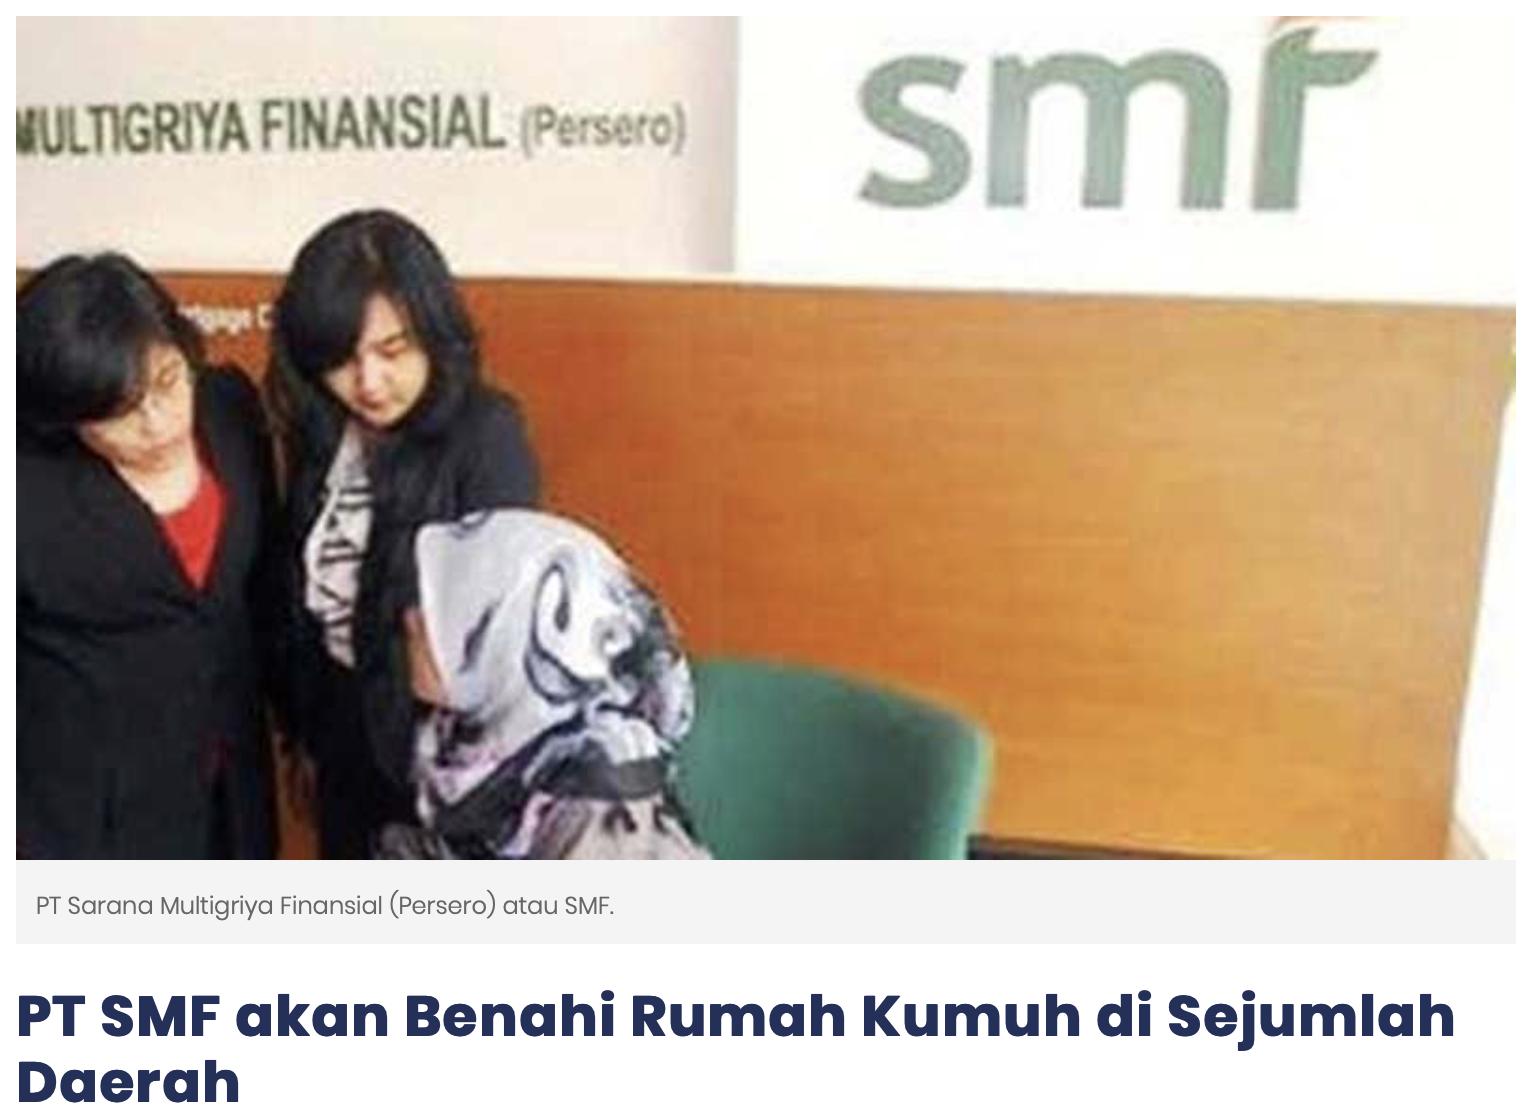 PT SMF akan Benahi Rumah Kumuh di Sejumlah Daerah